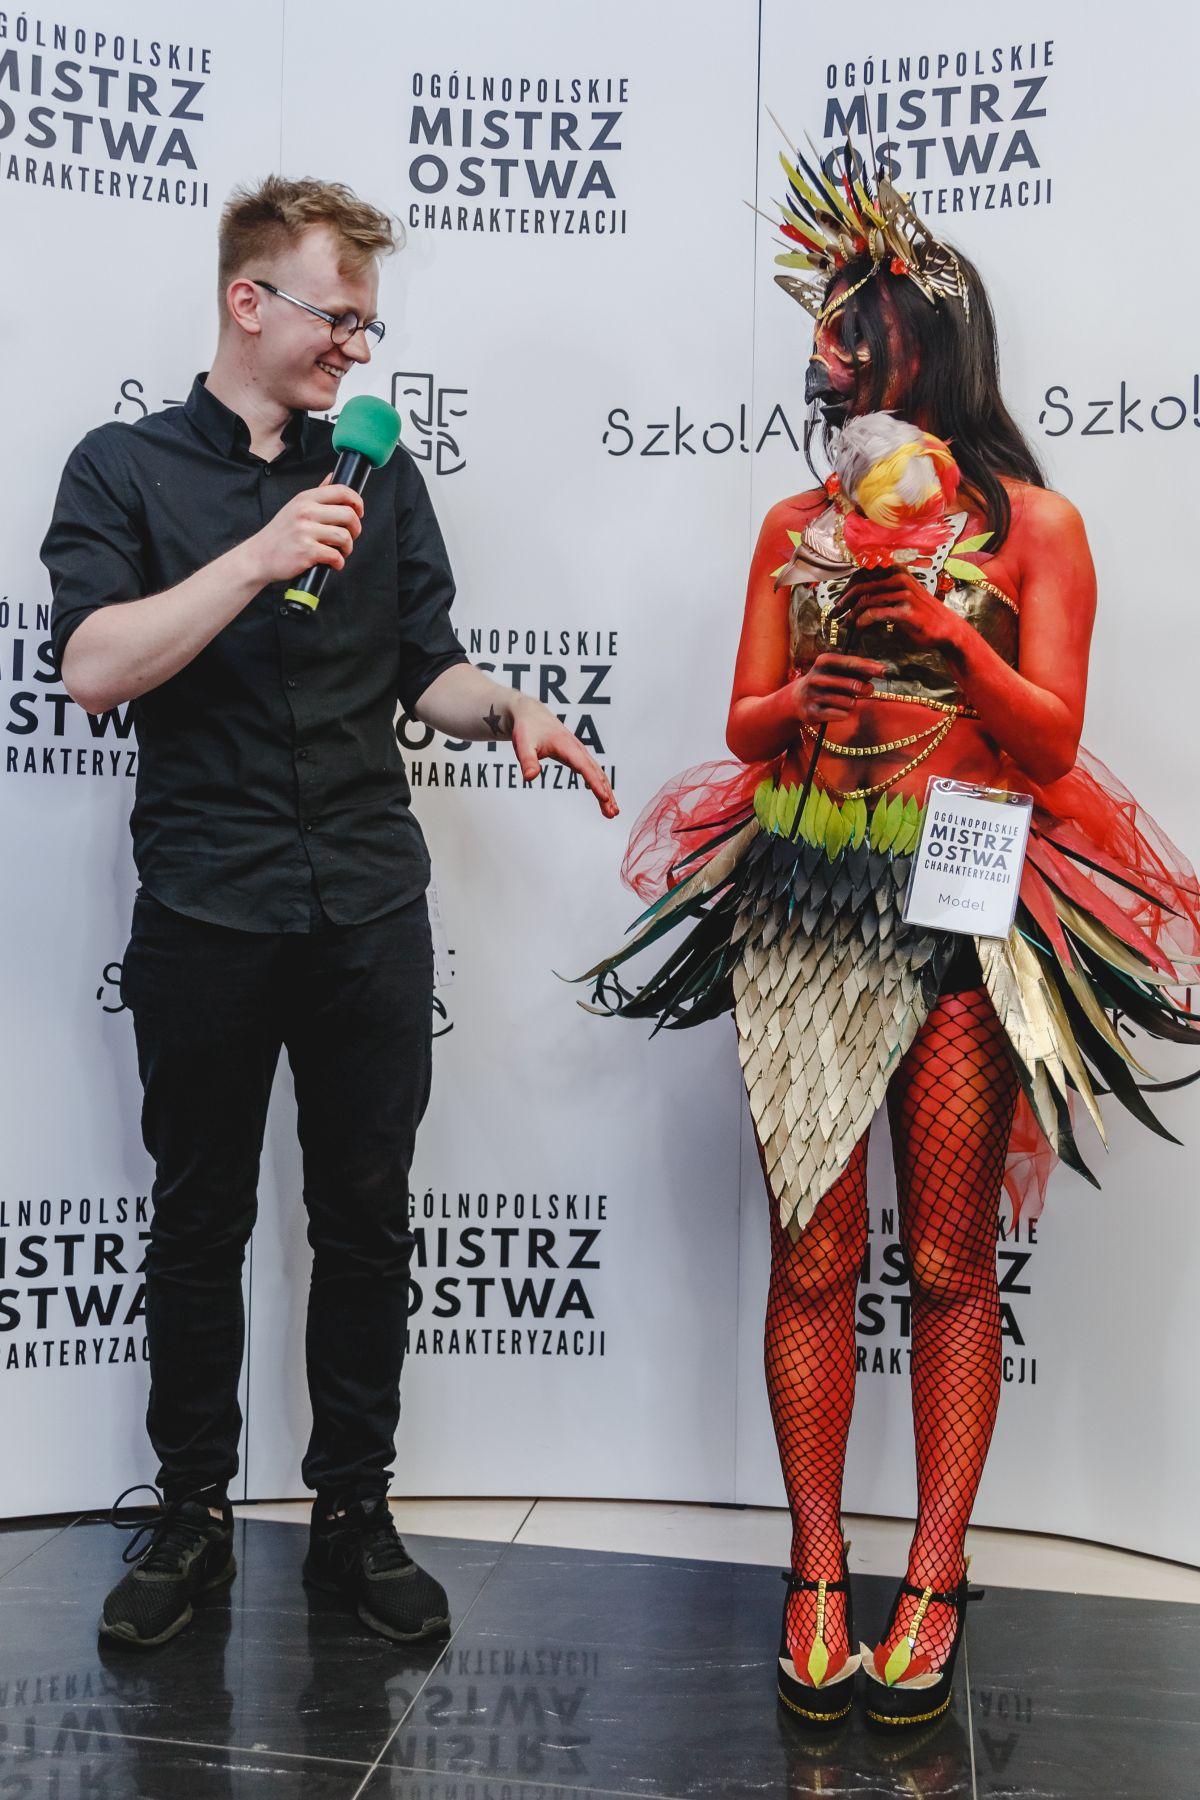 7. Ogolnopolskie Mistrzostwa Charakteryzacji -  155